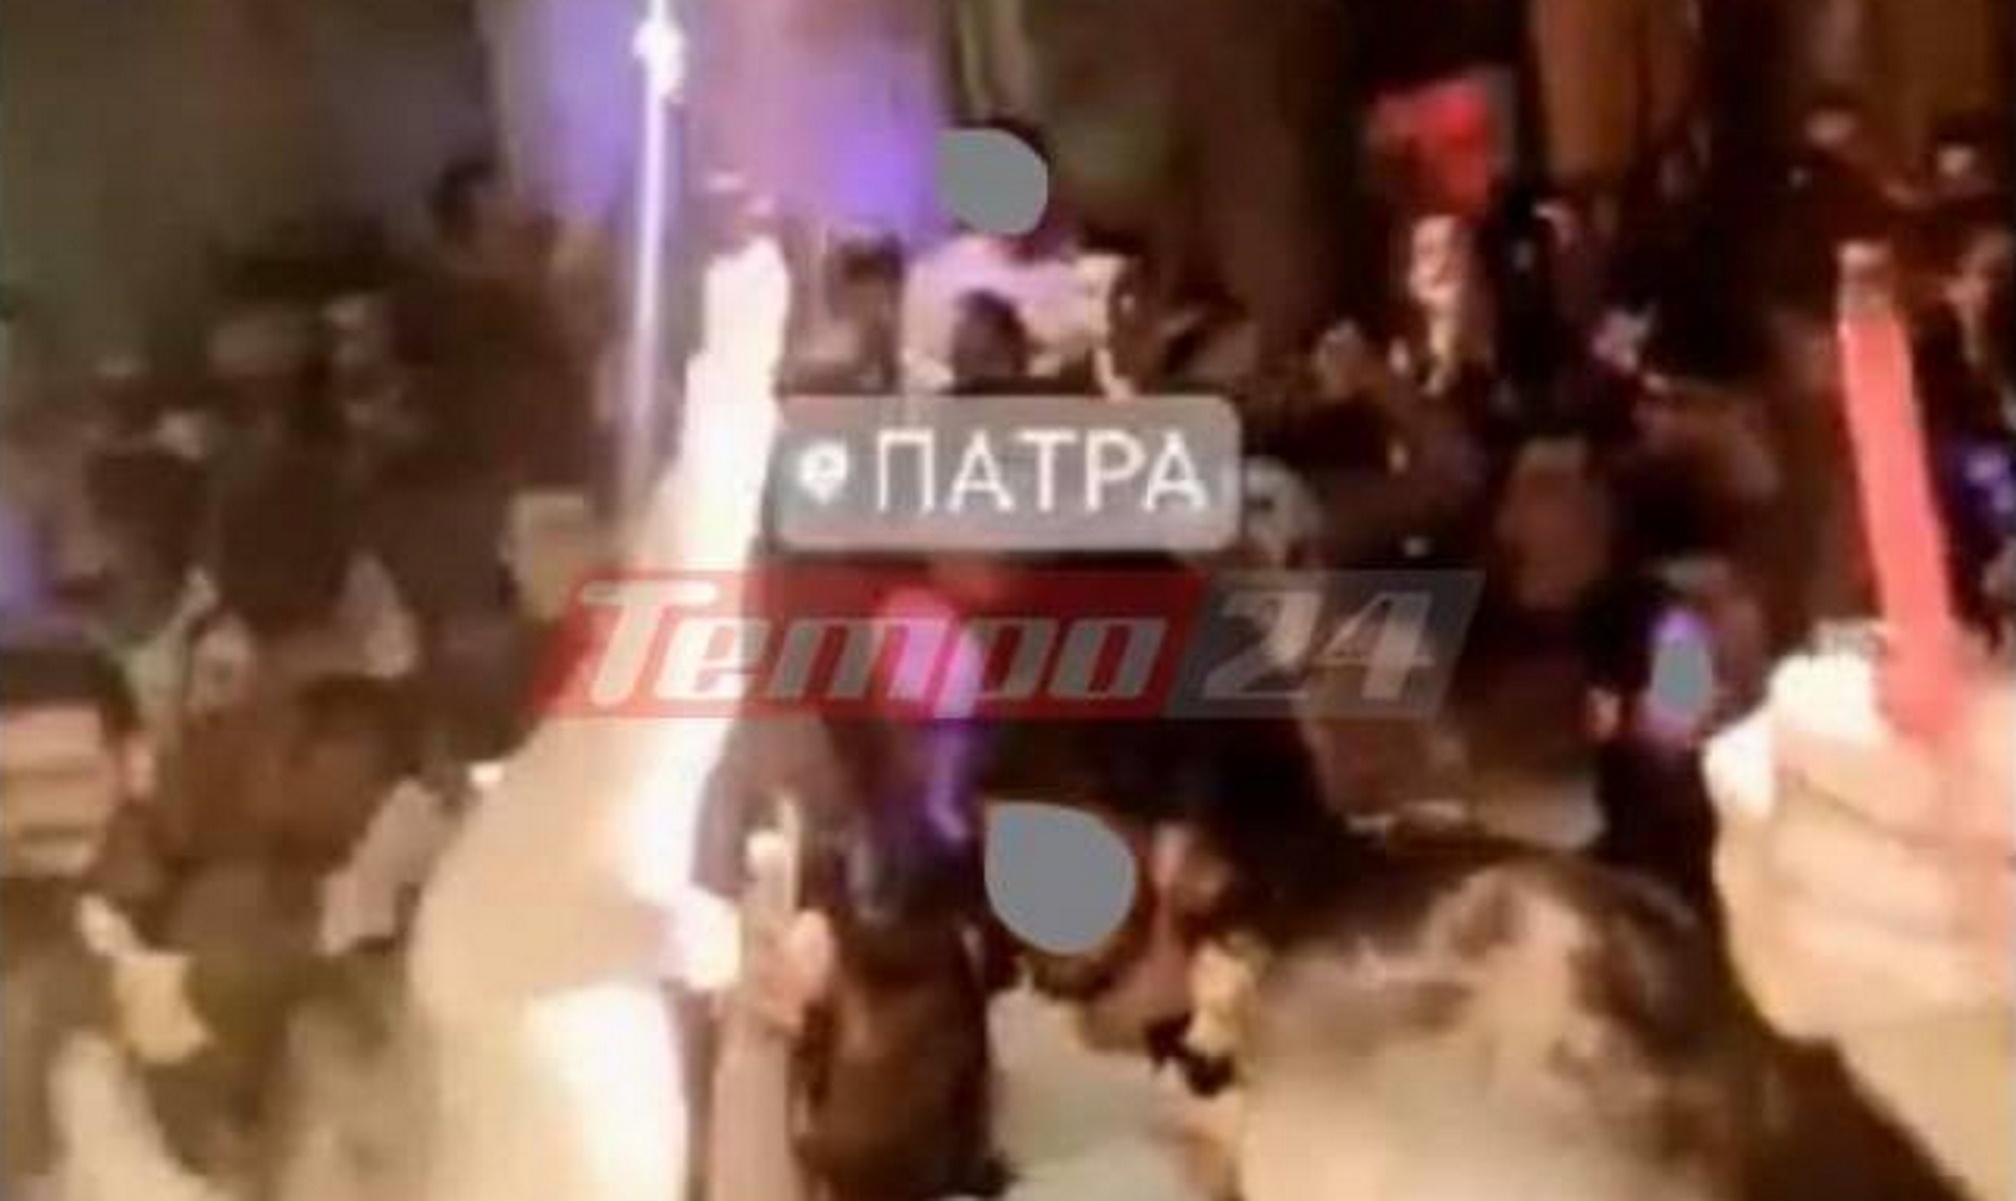 Πάτρα: Κορονοπάρτι χωρίς αύριο – Συνωστισμός, ποτάρες και μουσική στη διαπασών (video)